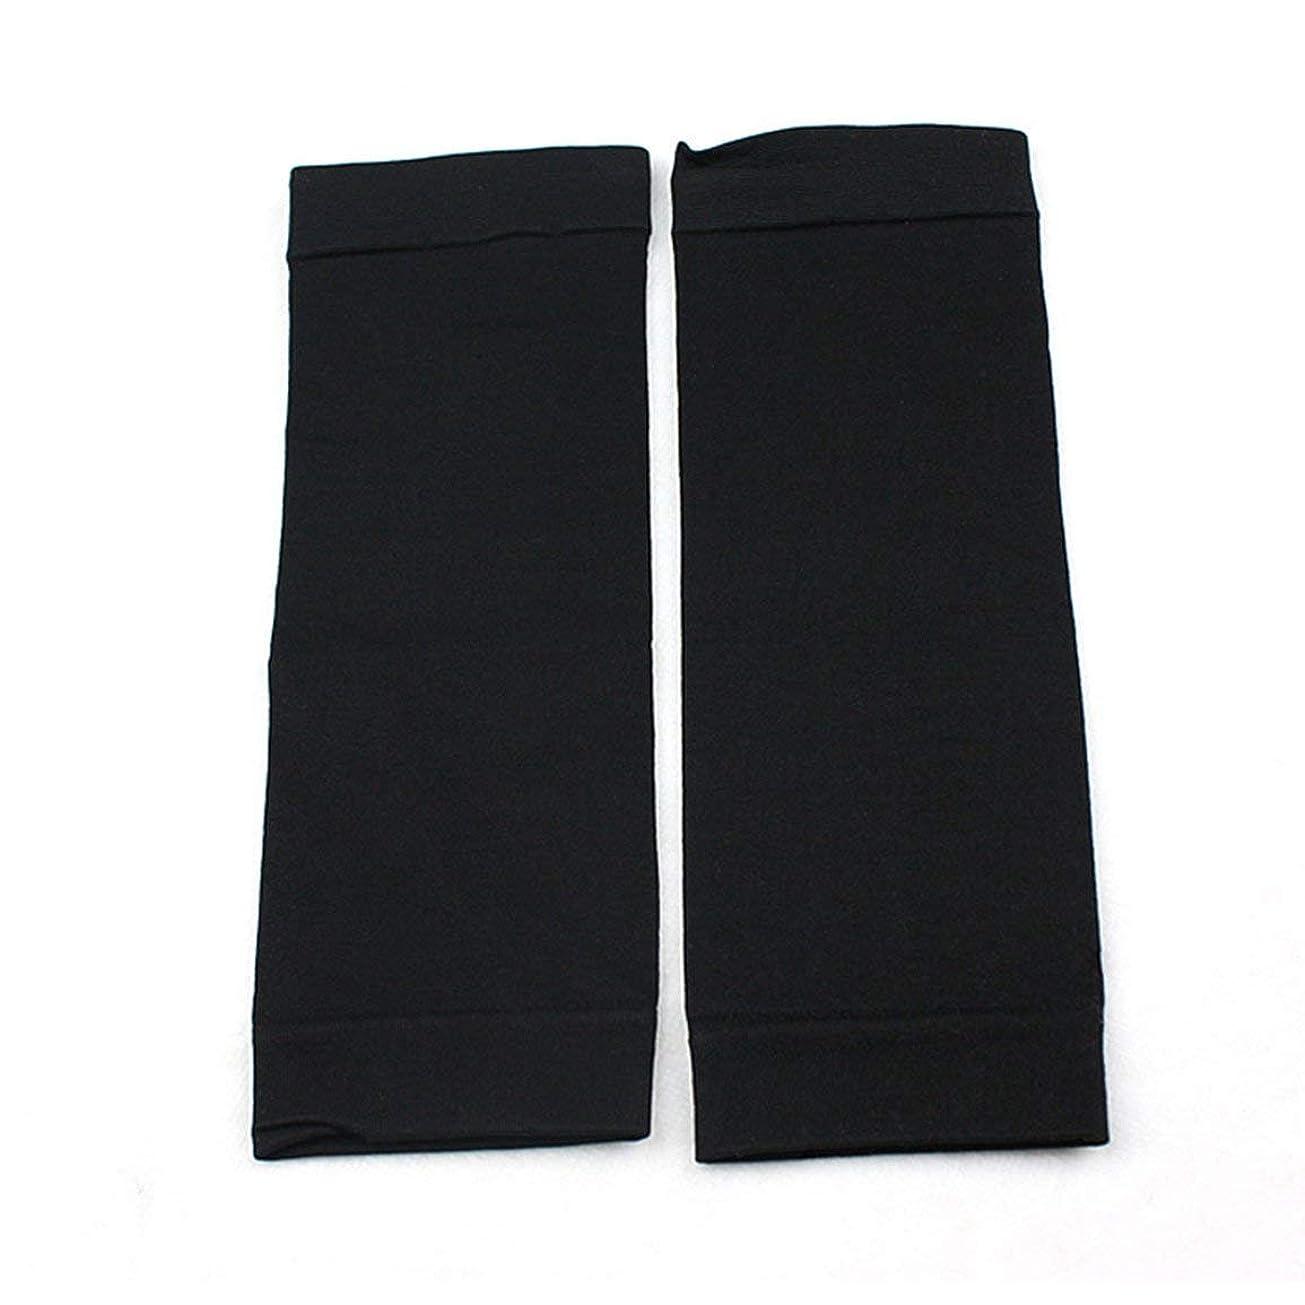 確執ケント振動させる1ペアウエストニッパーT高燃焼脂肪靴下圧縮レギンスレッグウォーマー圧力脂肪薄い脚パンツ燃焼脂肪ガード - ブラック